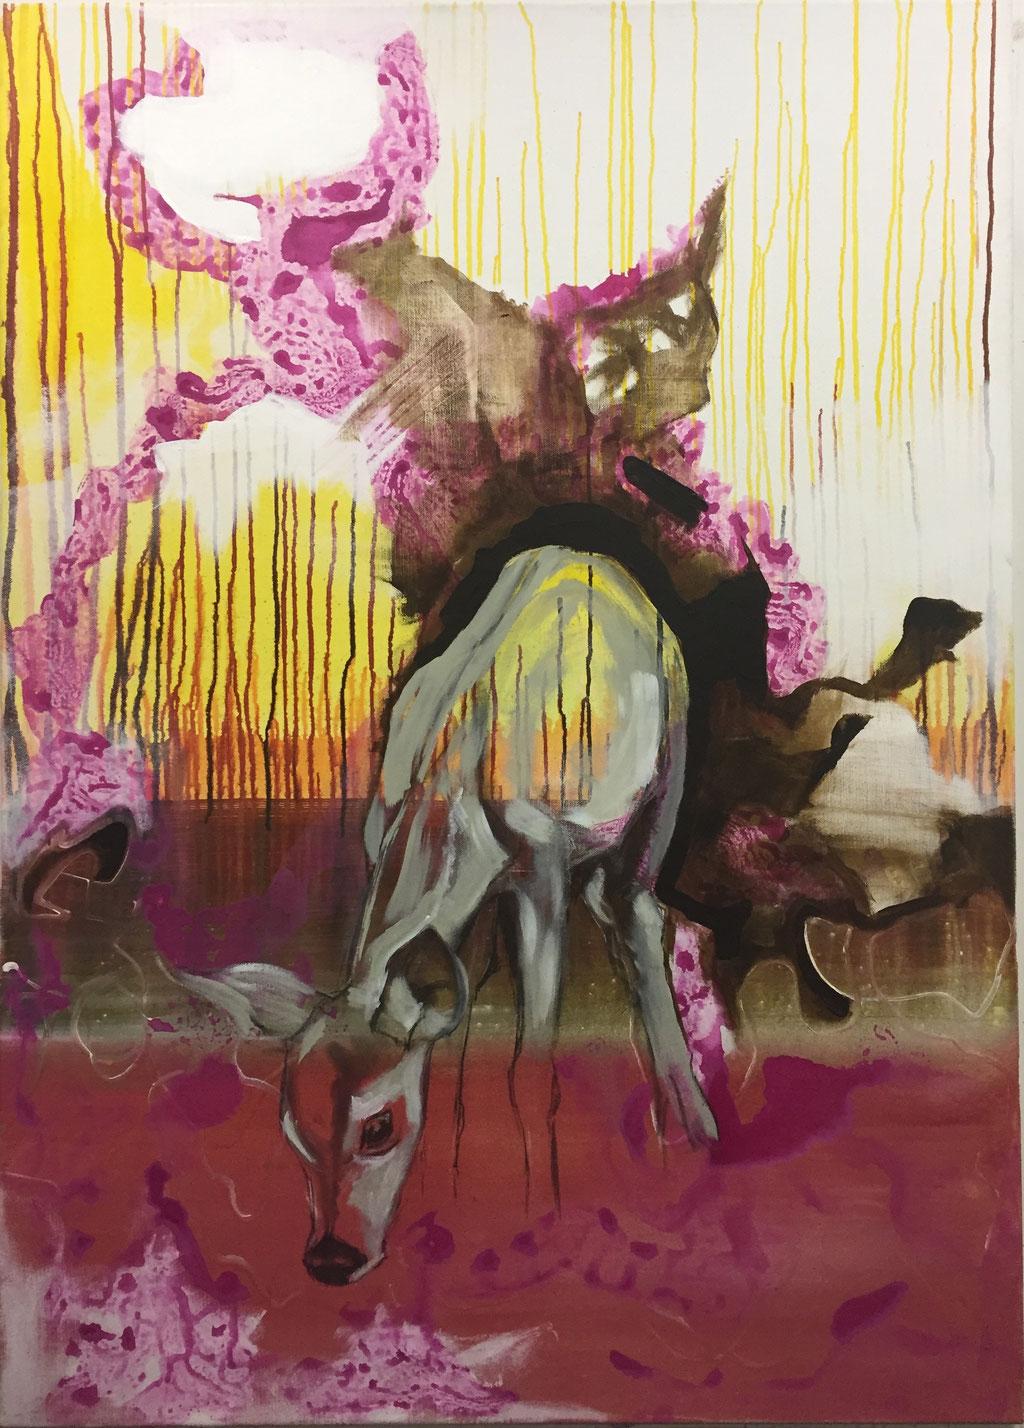 Hinterhalt -  Acryl auf Leinwand  140 cm x 100 cm